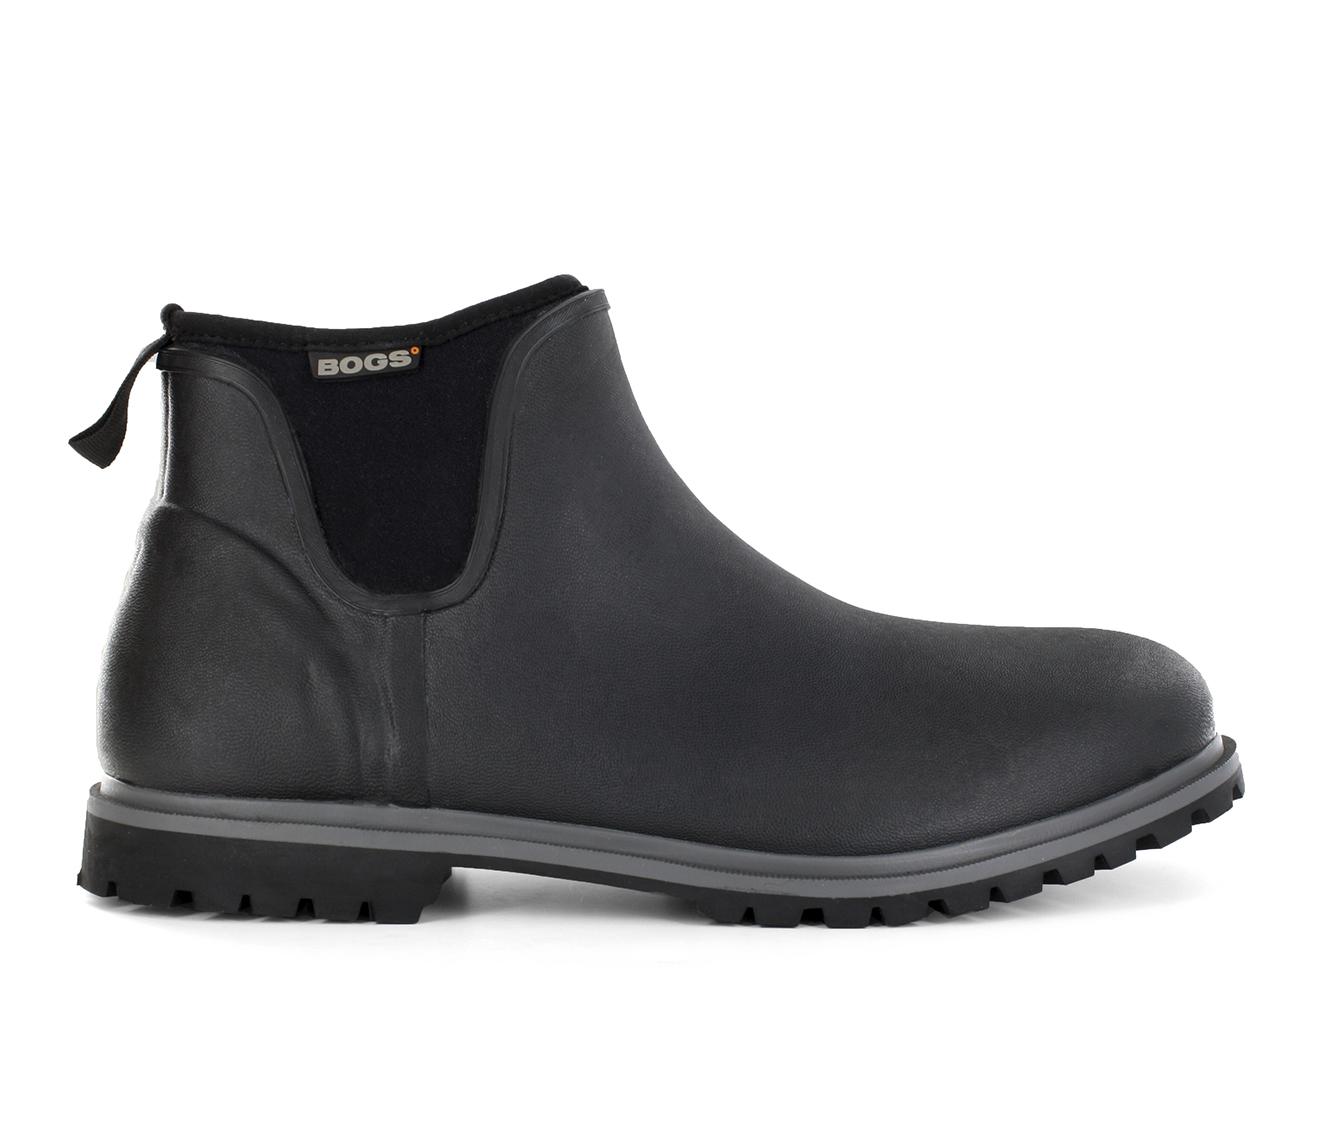 Bogs Footwear Carson Waterproof Slip On Men's Boots (Black Faux Leather)